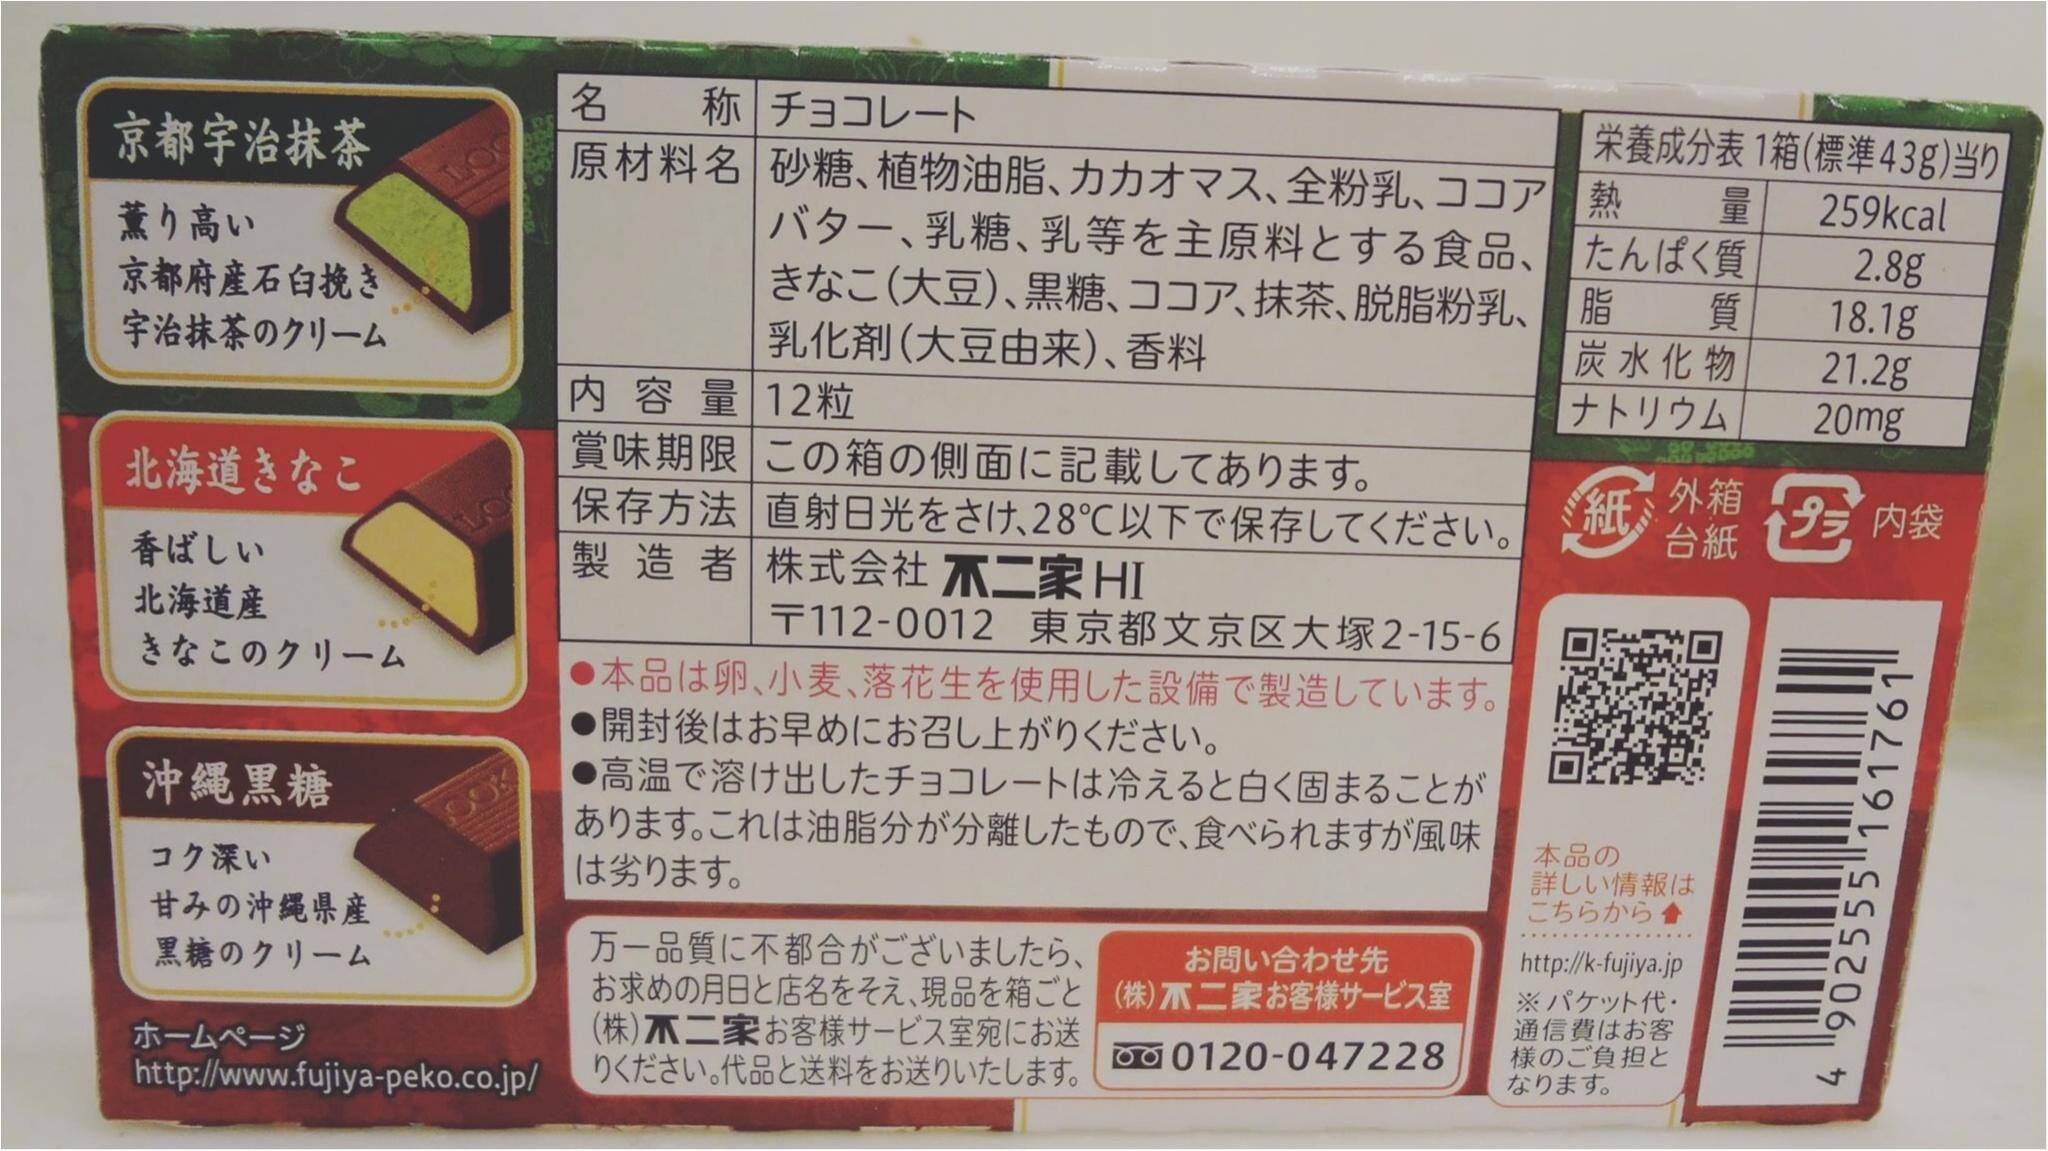 【不二家LOOK】日本の味を楽しめるチョコレート3種とは♡≪samenyan≫_3